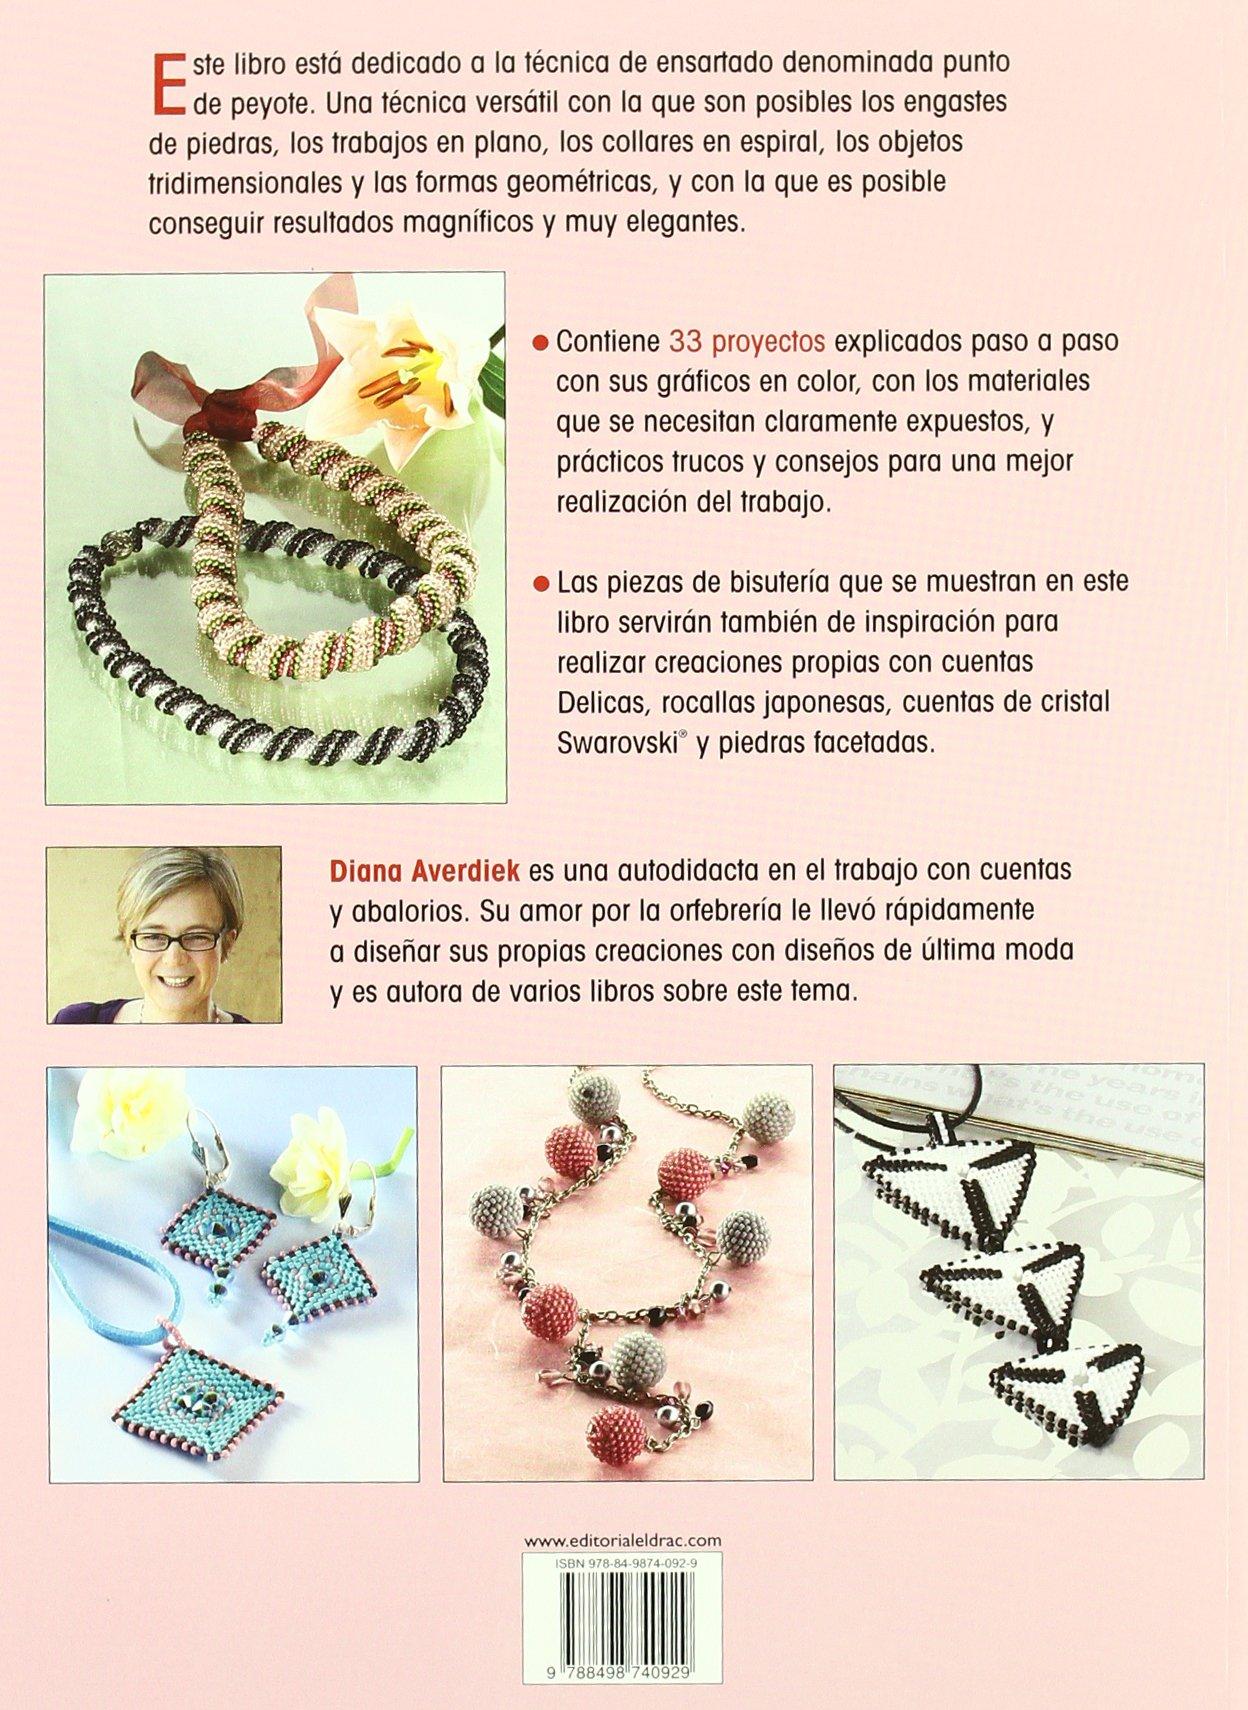 Bisuteria Con Cuentas Delicas Y Rocallas Japonesas: AVERDIEK ...